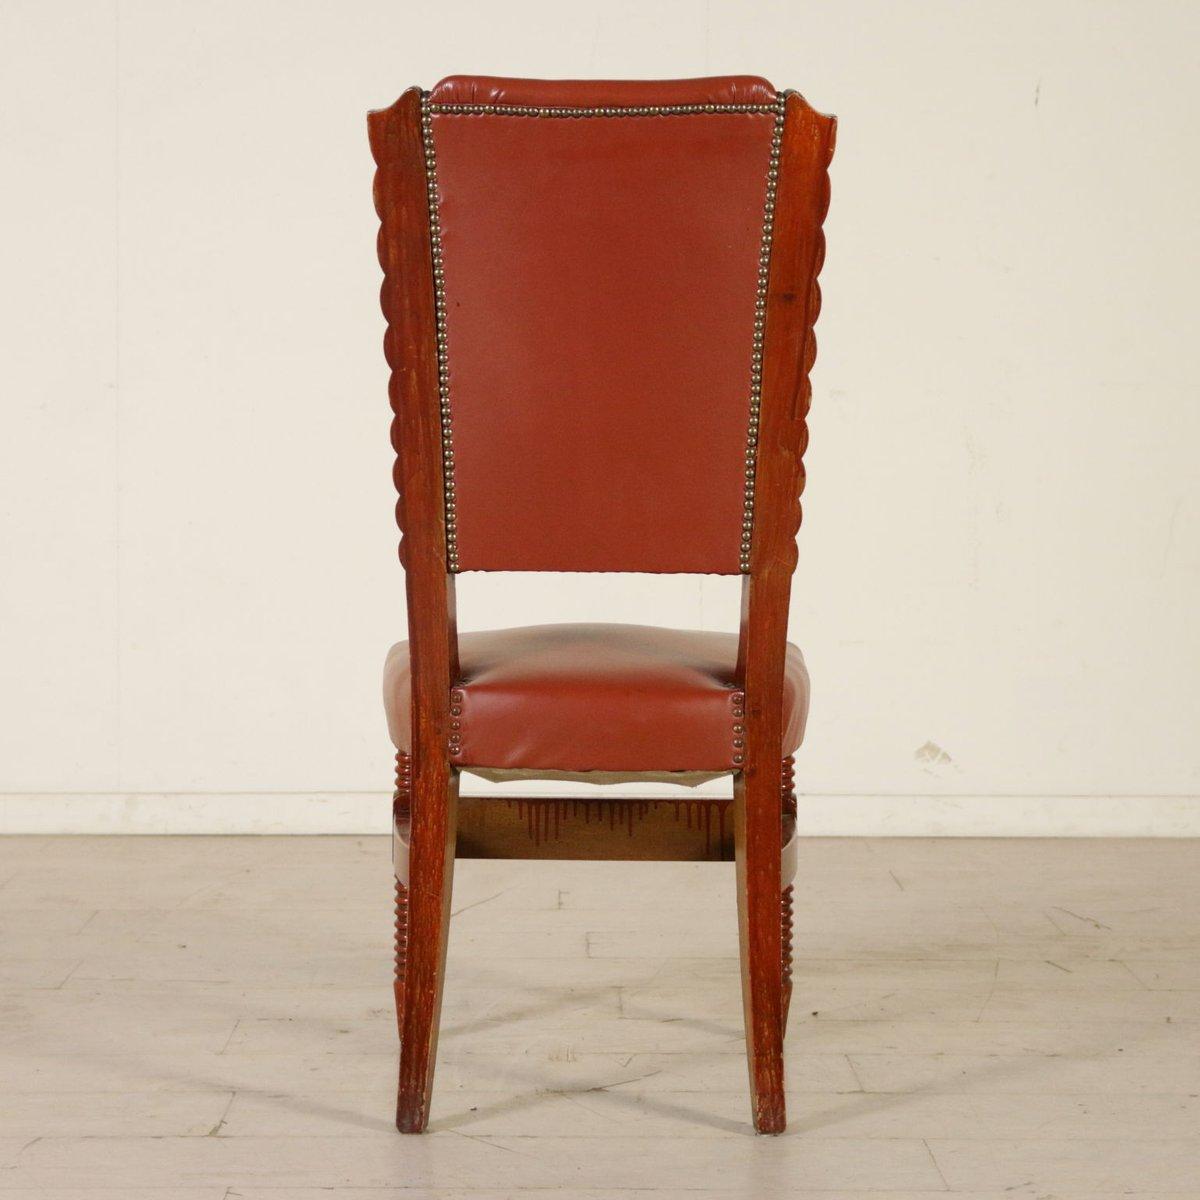 italienische st hle aus gebeiztem buchenholz kunstleder. Black Bedroom Furniture Sets. Home Design Ideas